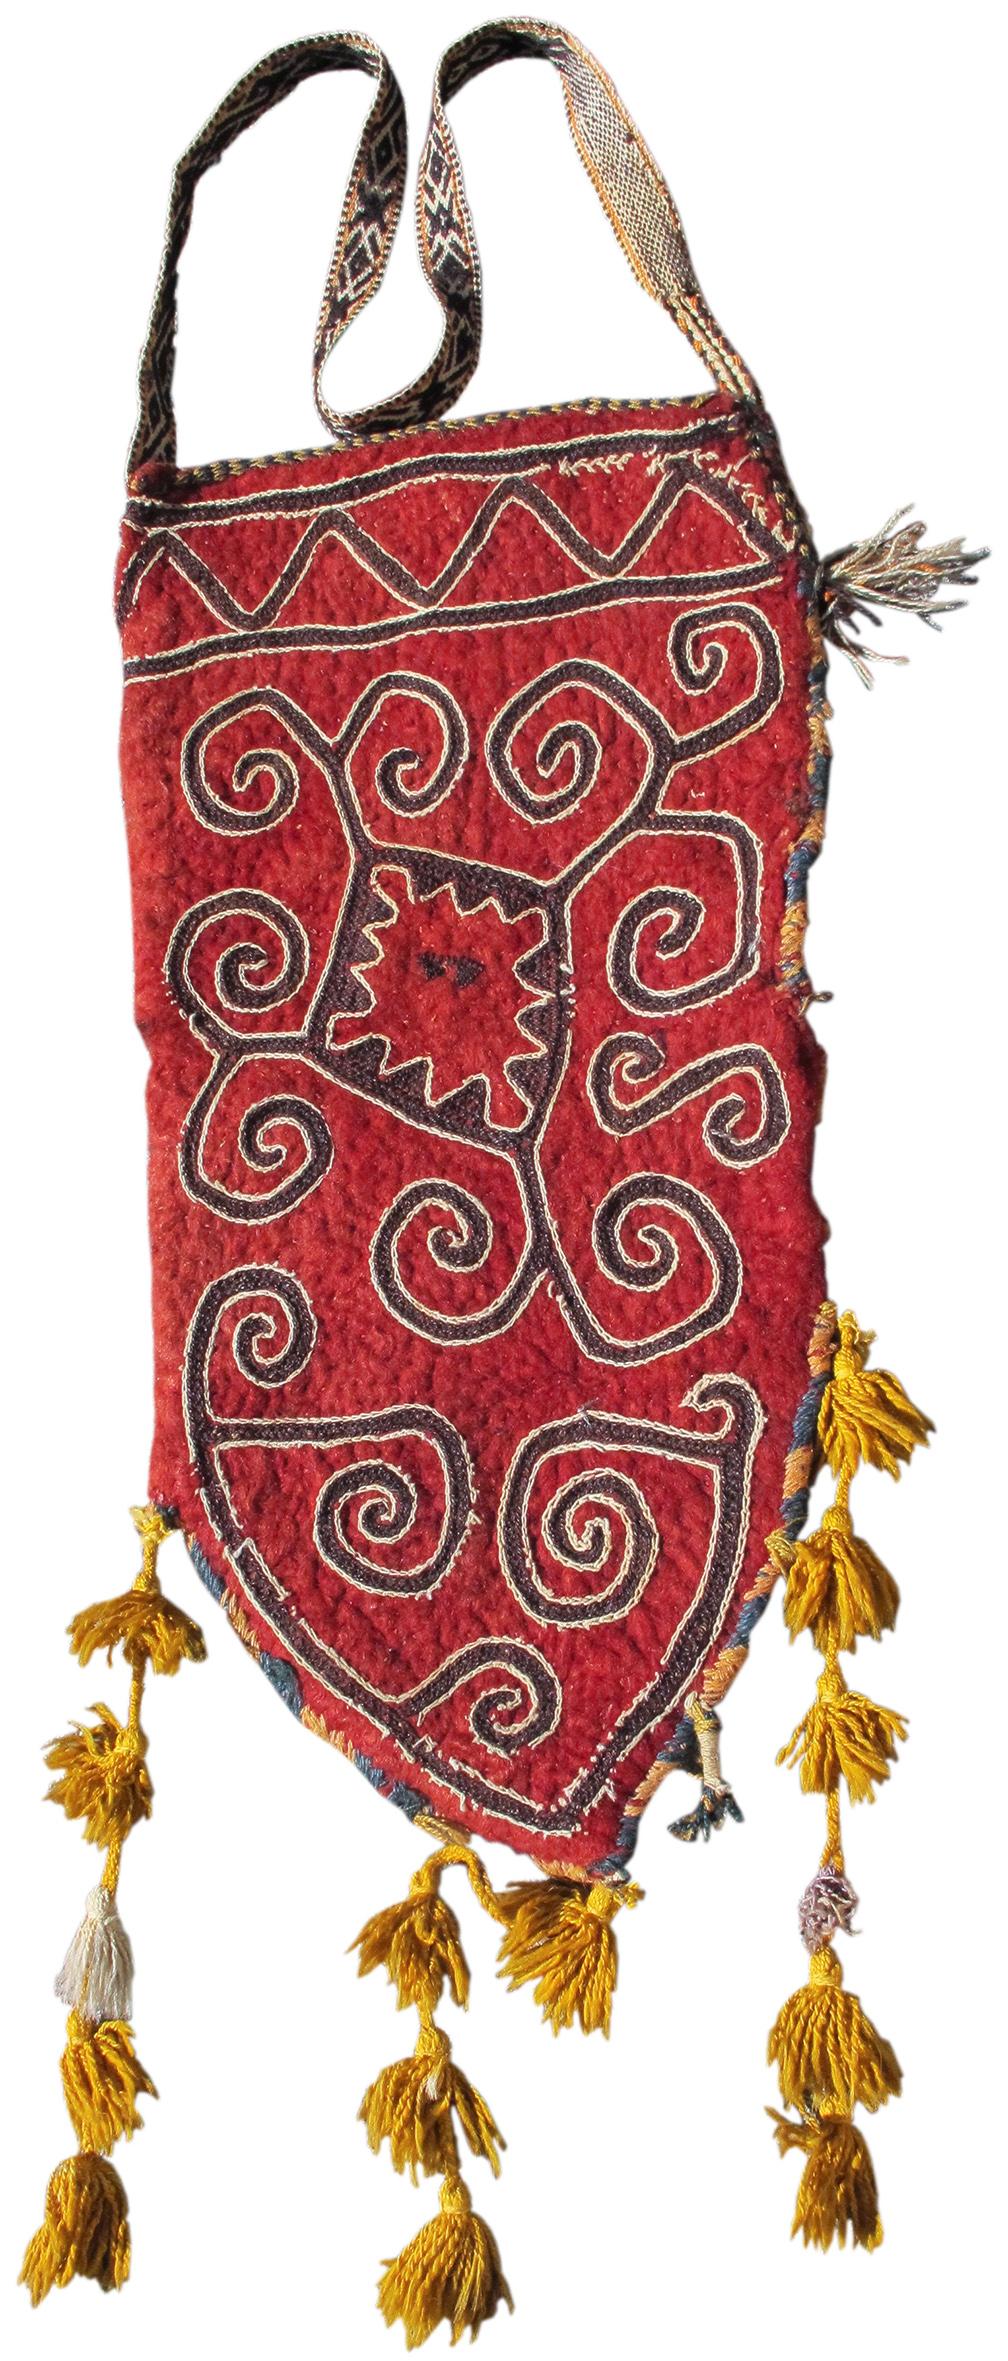 Uzbek felt okbash